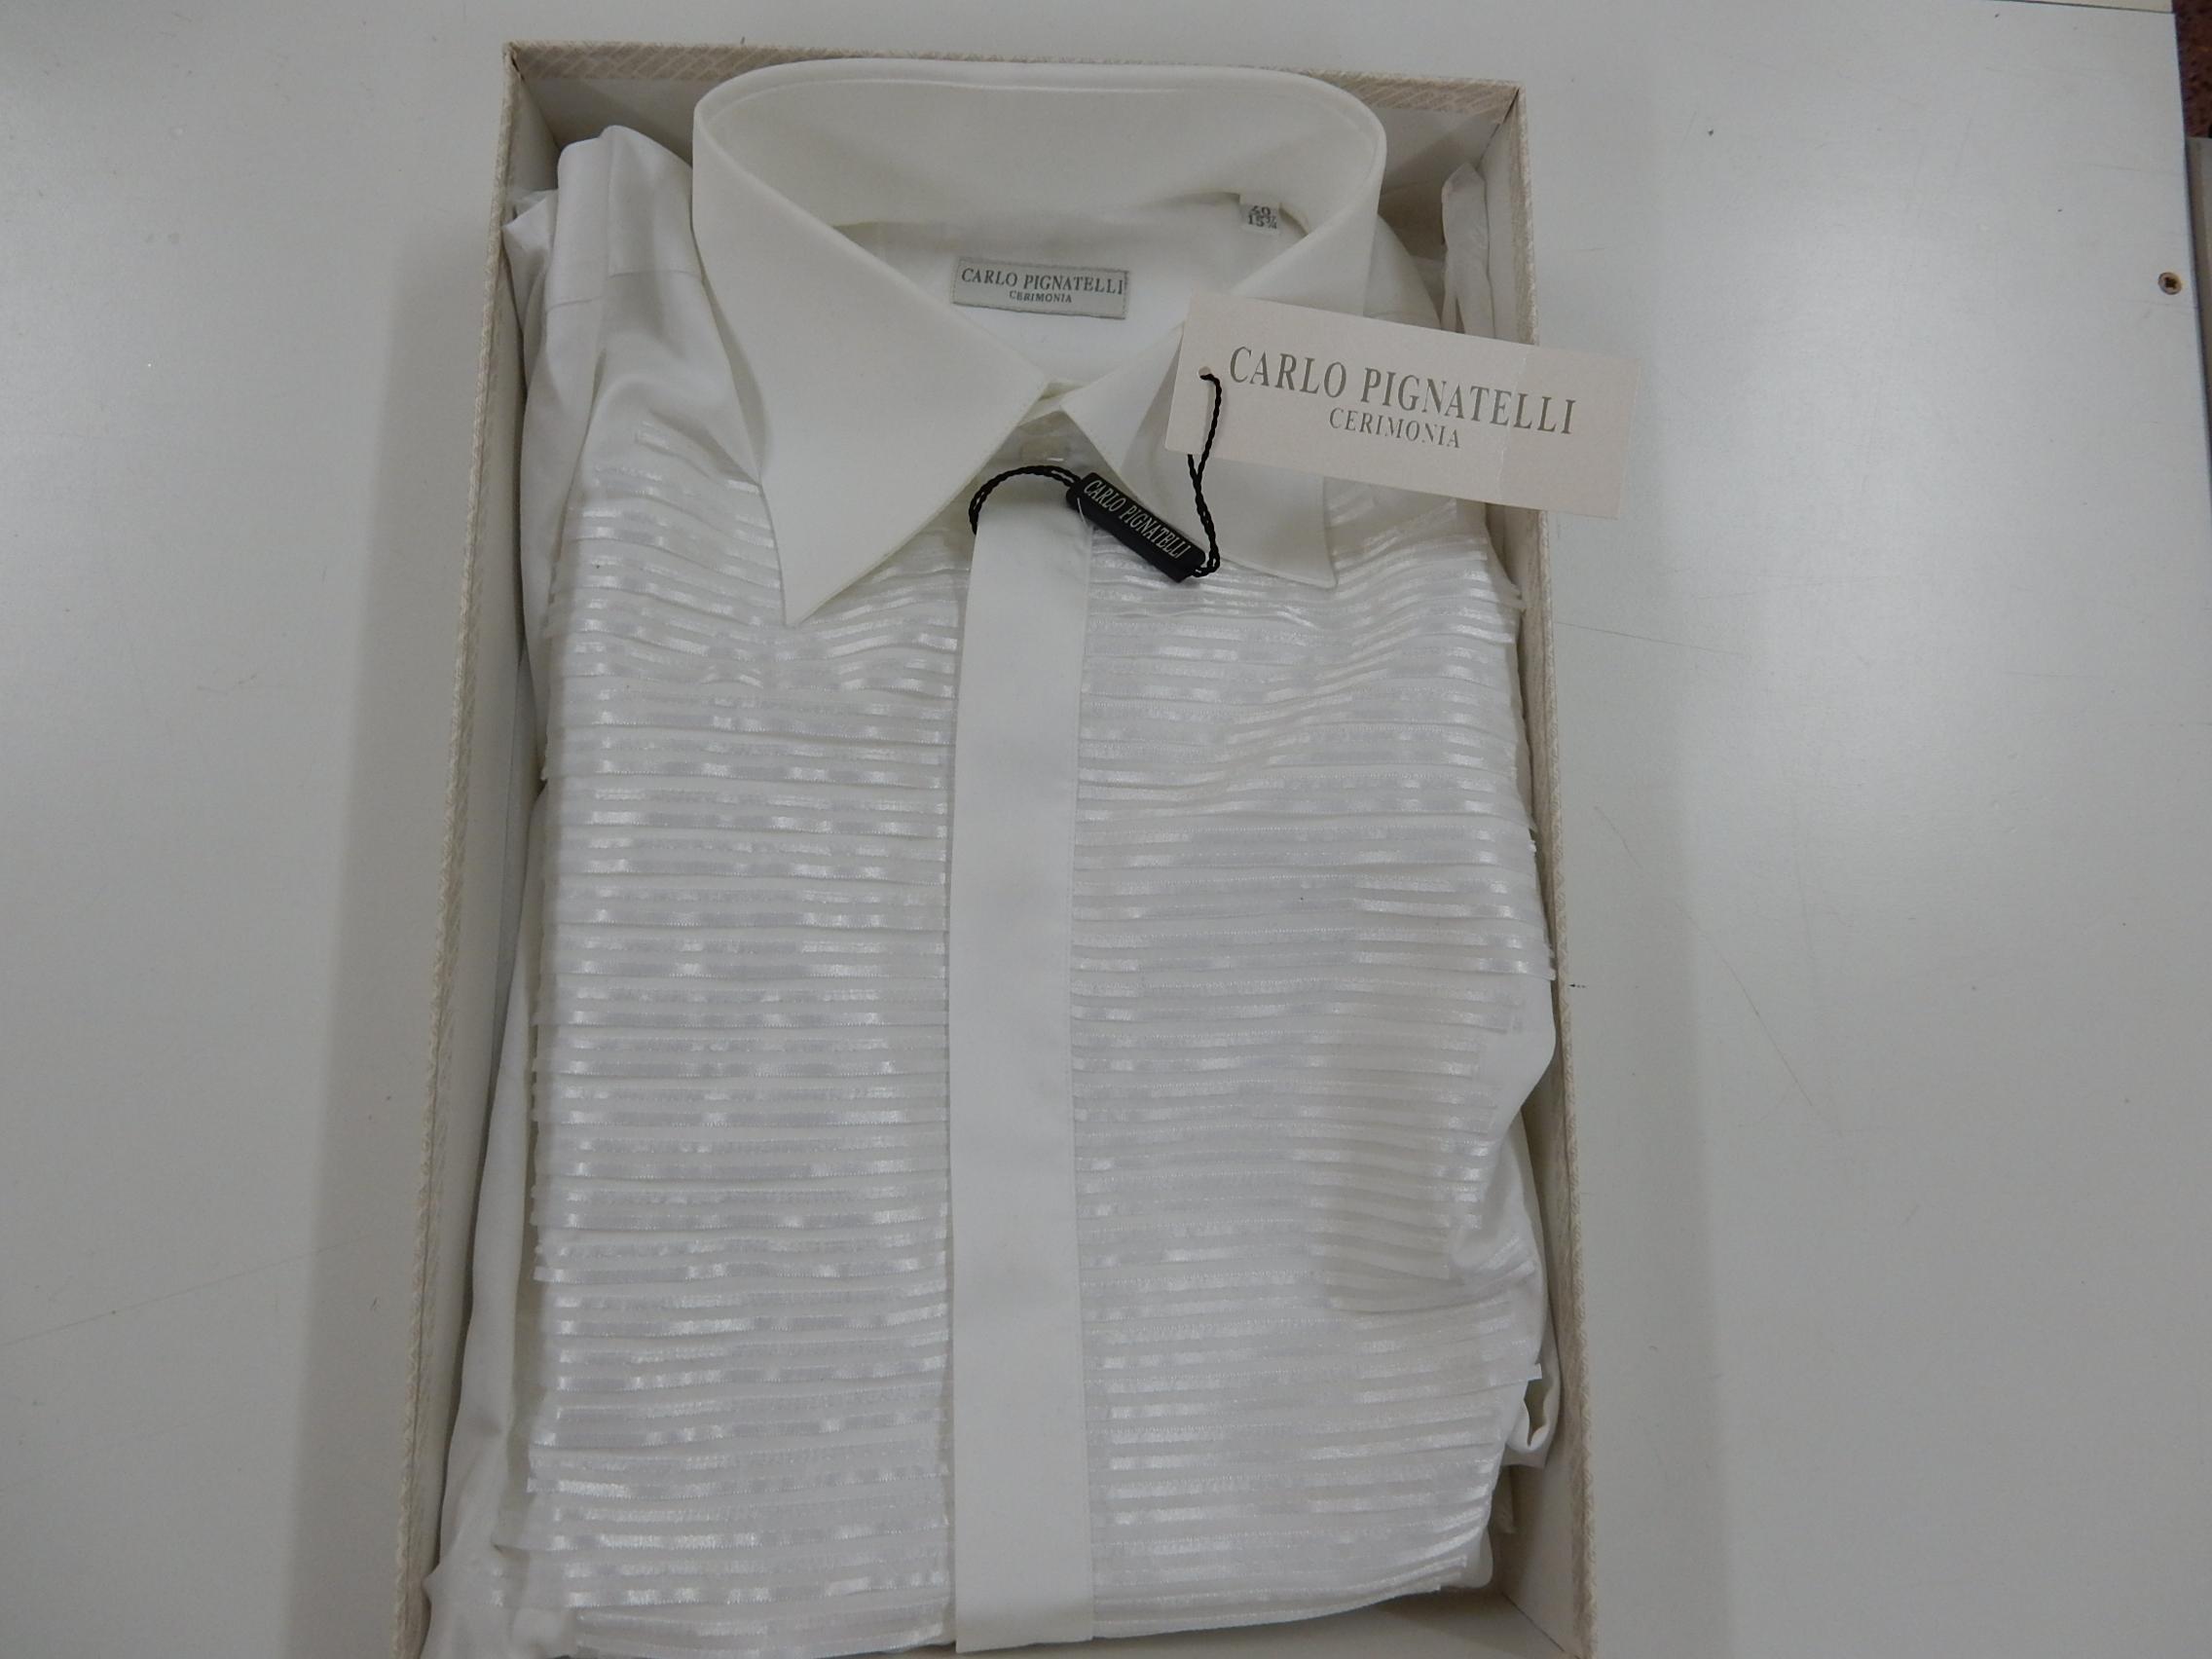 Rif. 11) Camicia Carlo Pignatelli taglia 40